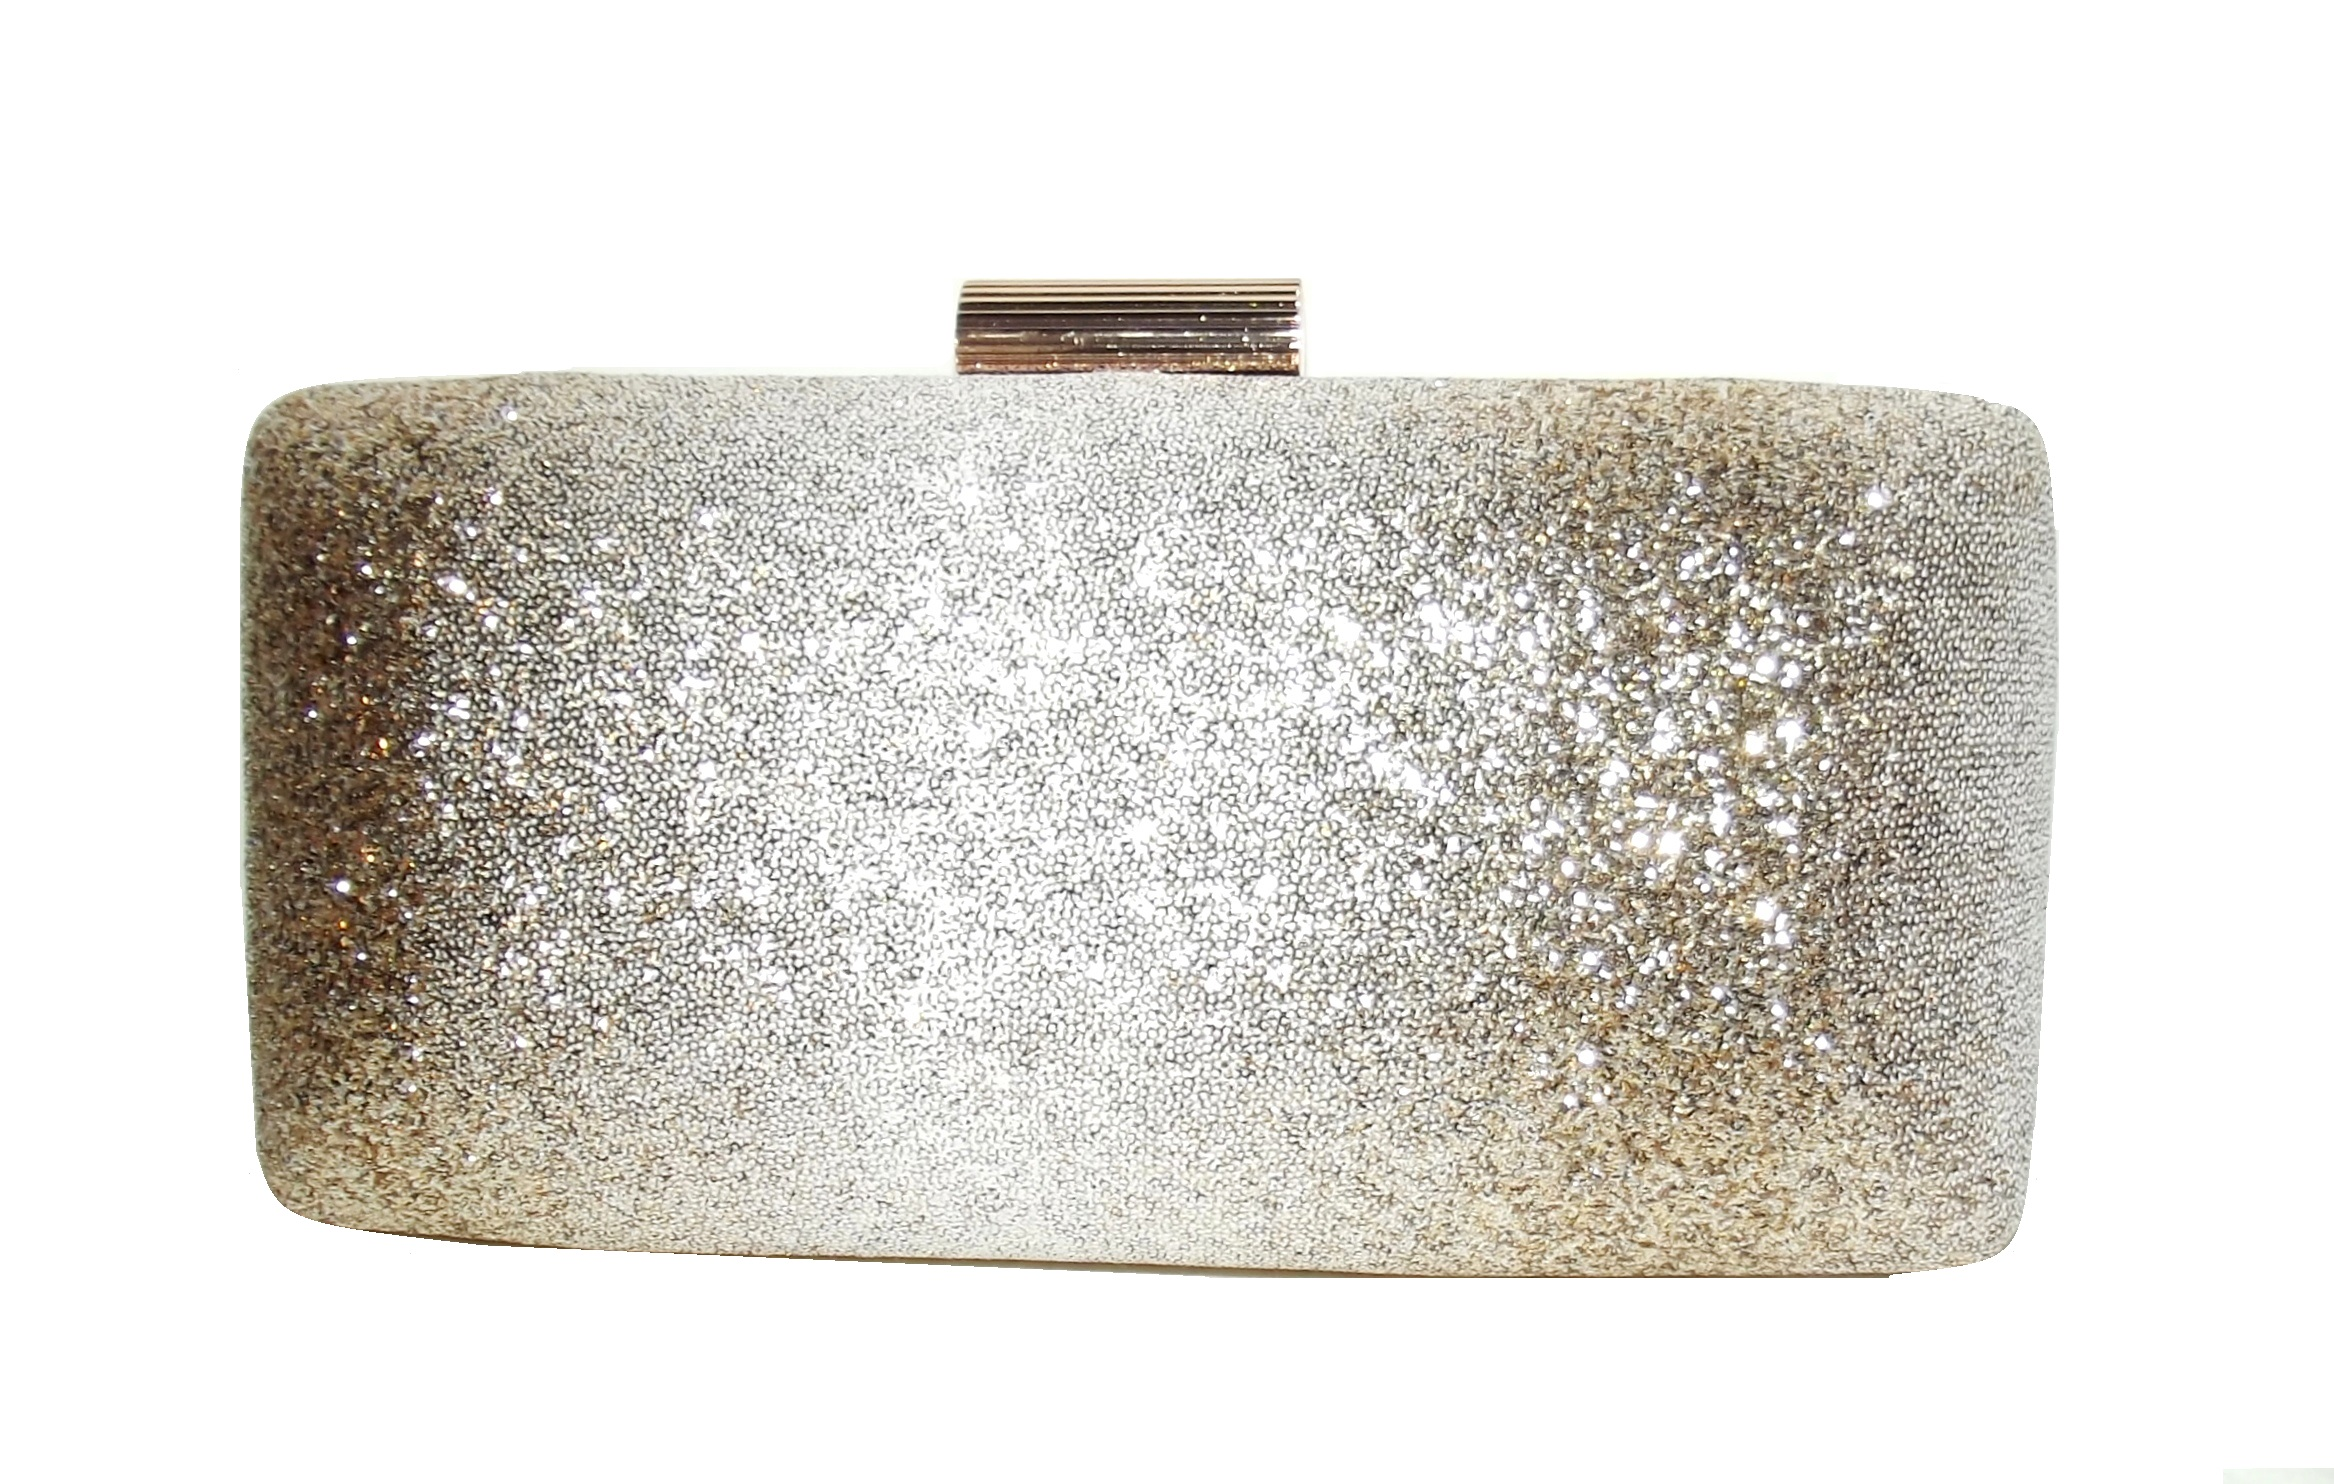 77f5050b39d04 wieczorowa złota torebka wizytowa brokatowa 7485982467 - Allegro.pl